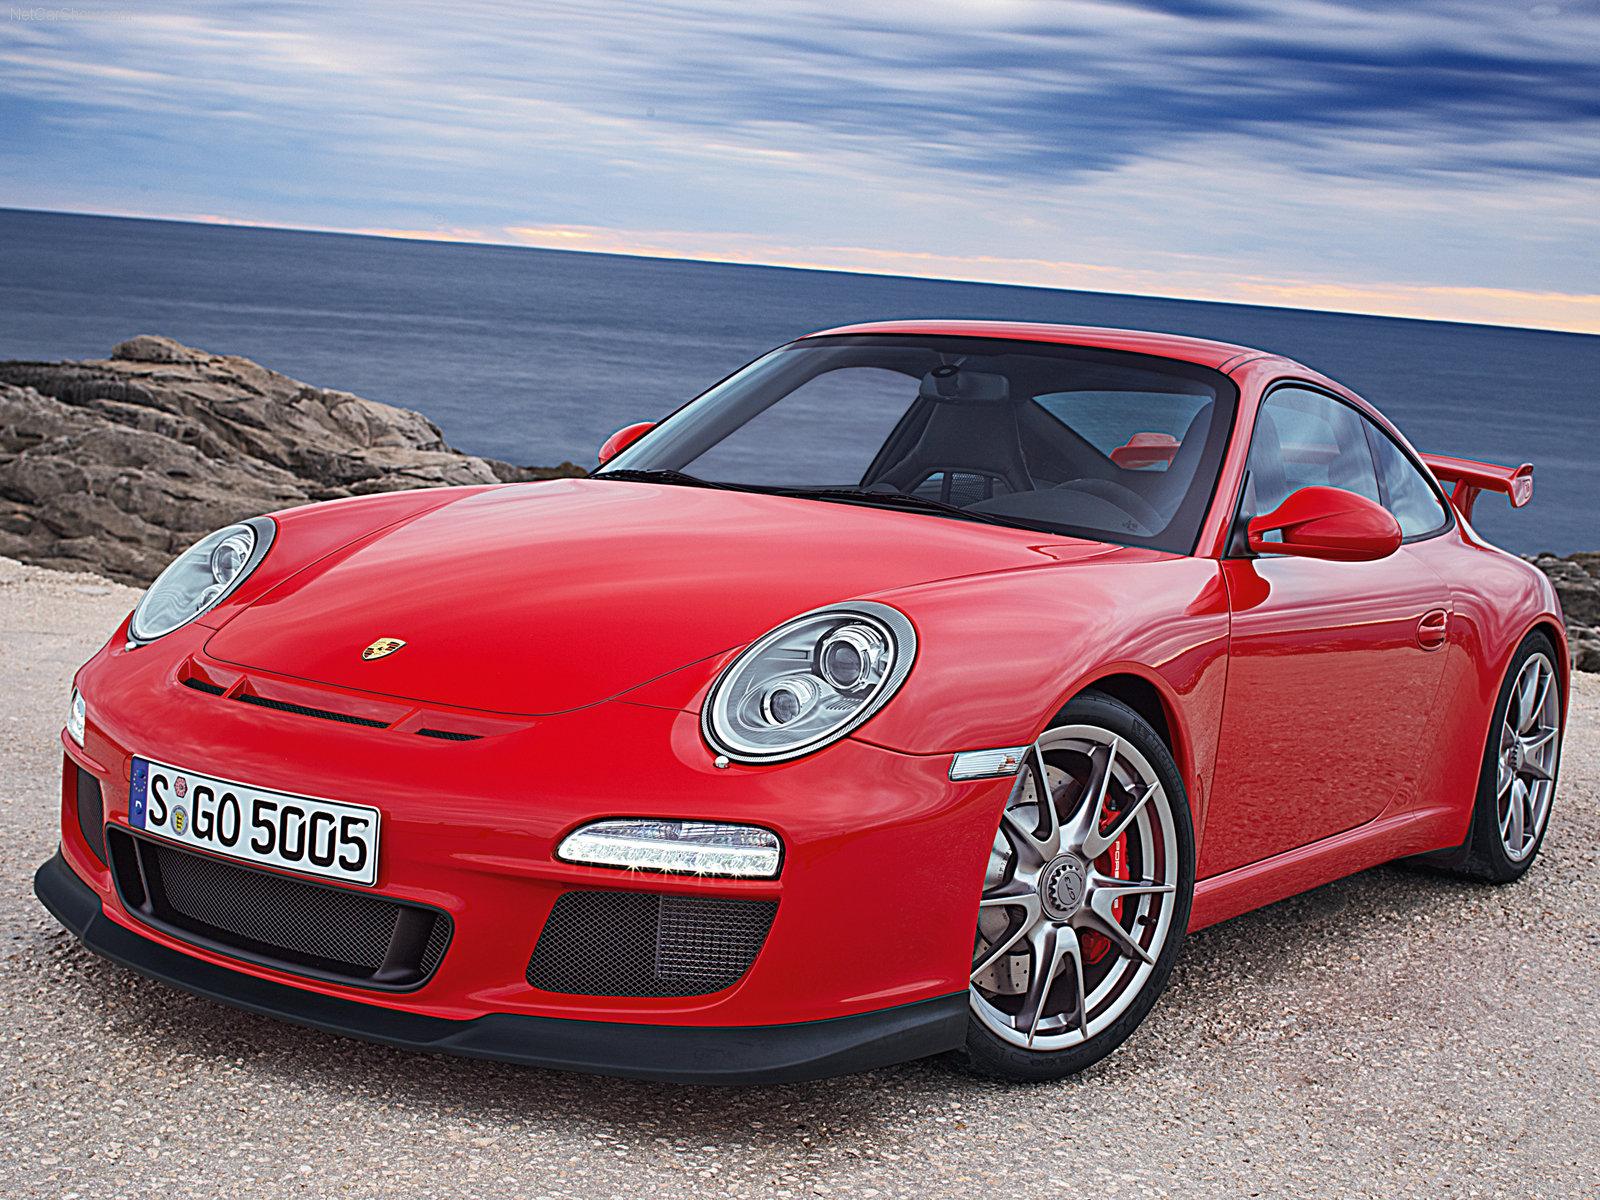 porsche wallpapers red porsche 911 2010 red porsche 911 gt3 wallpapers 1600x1200